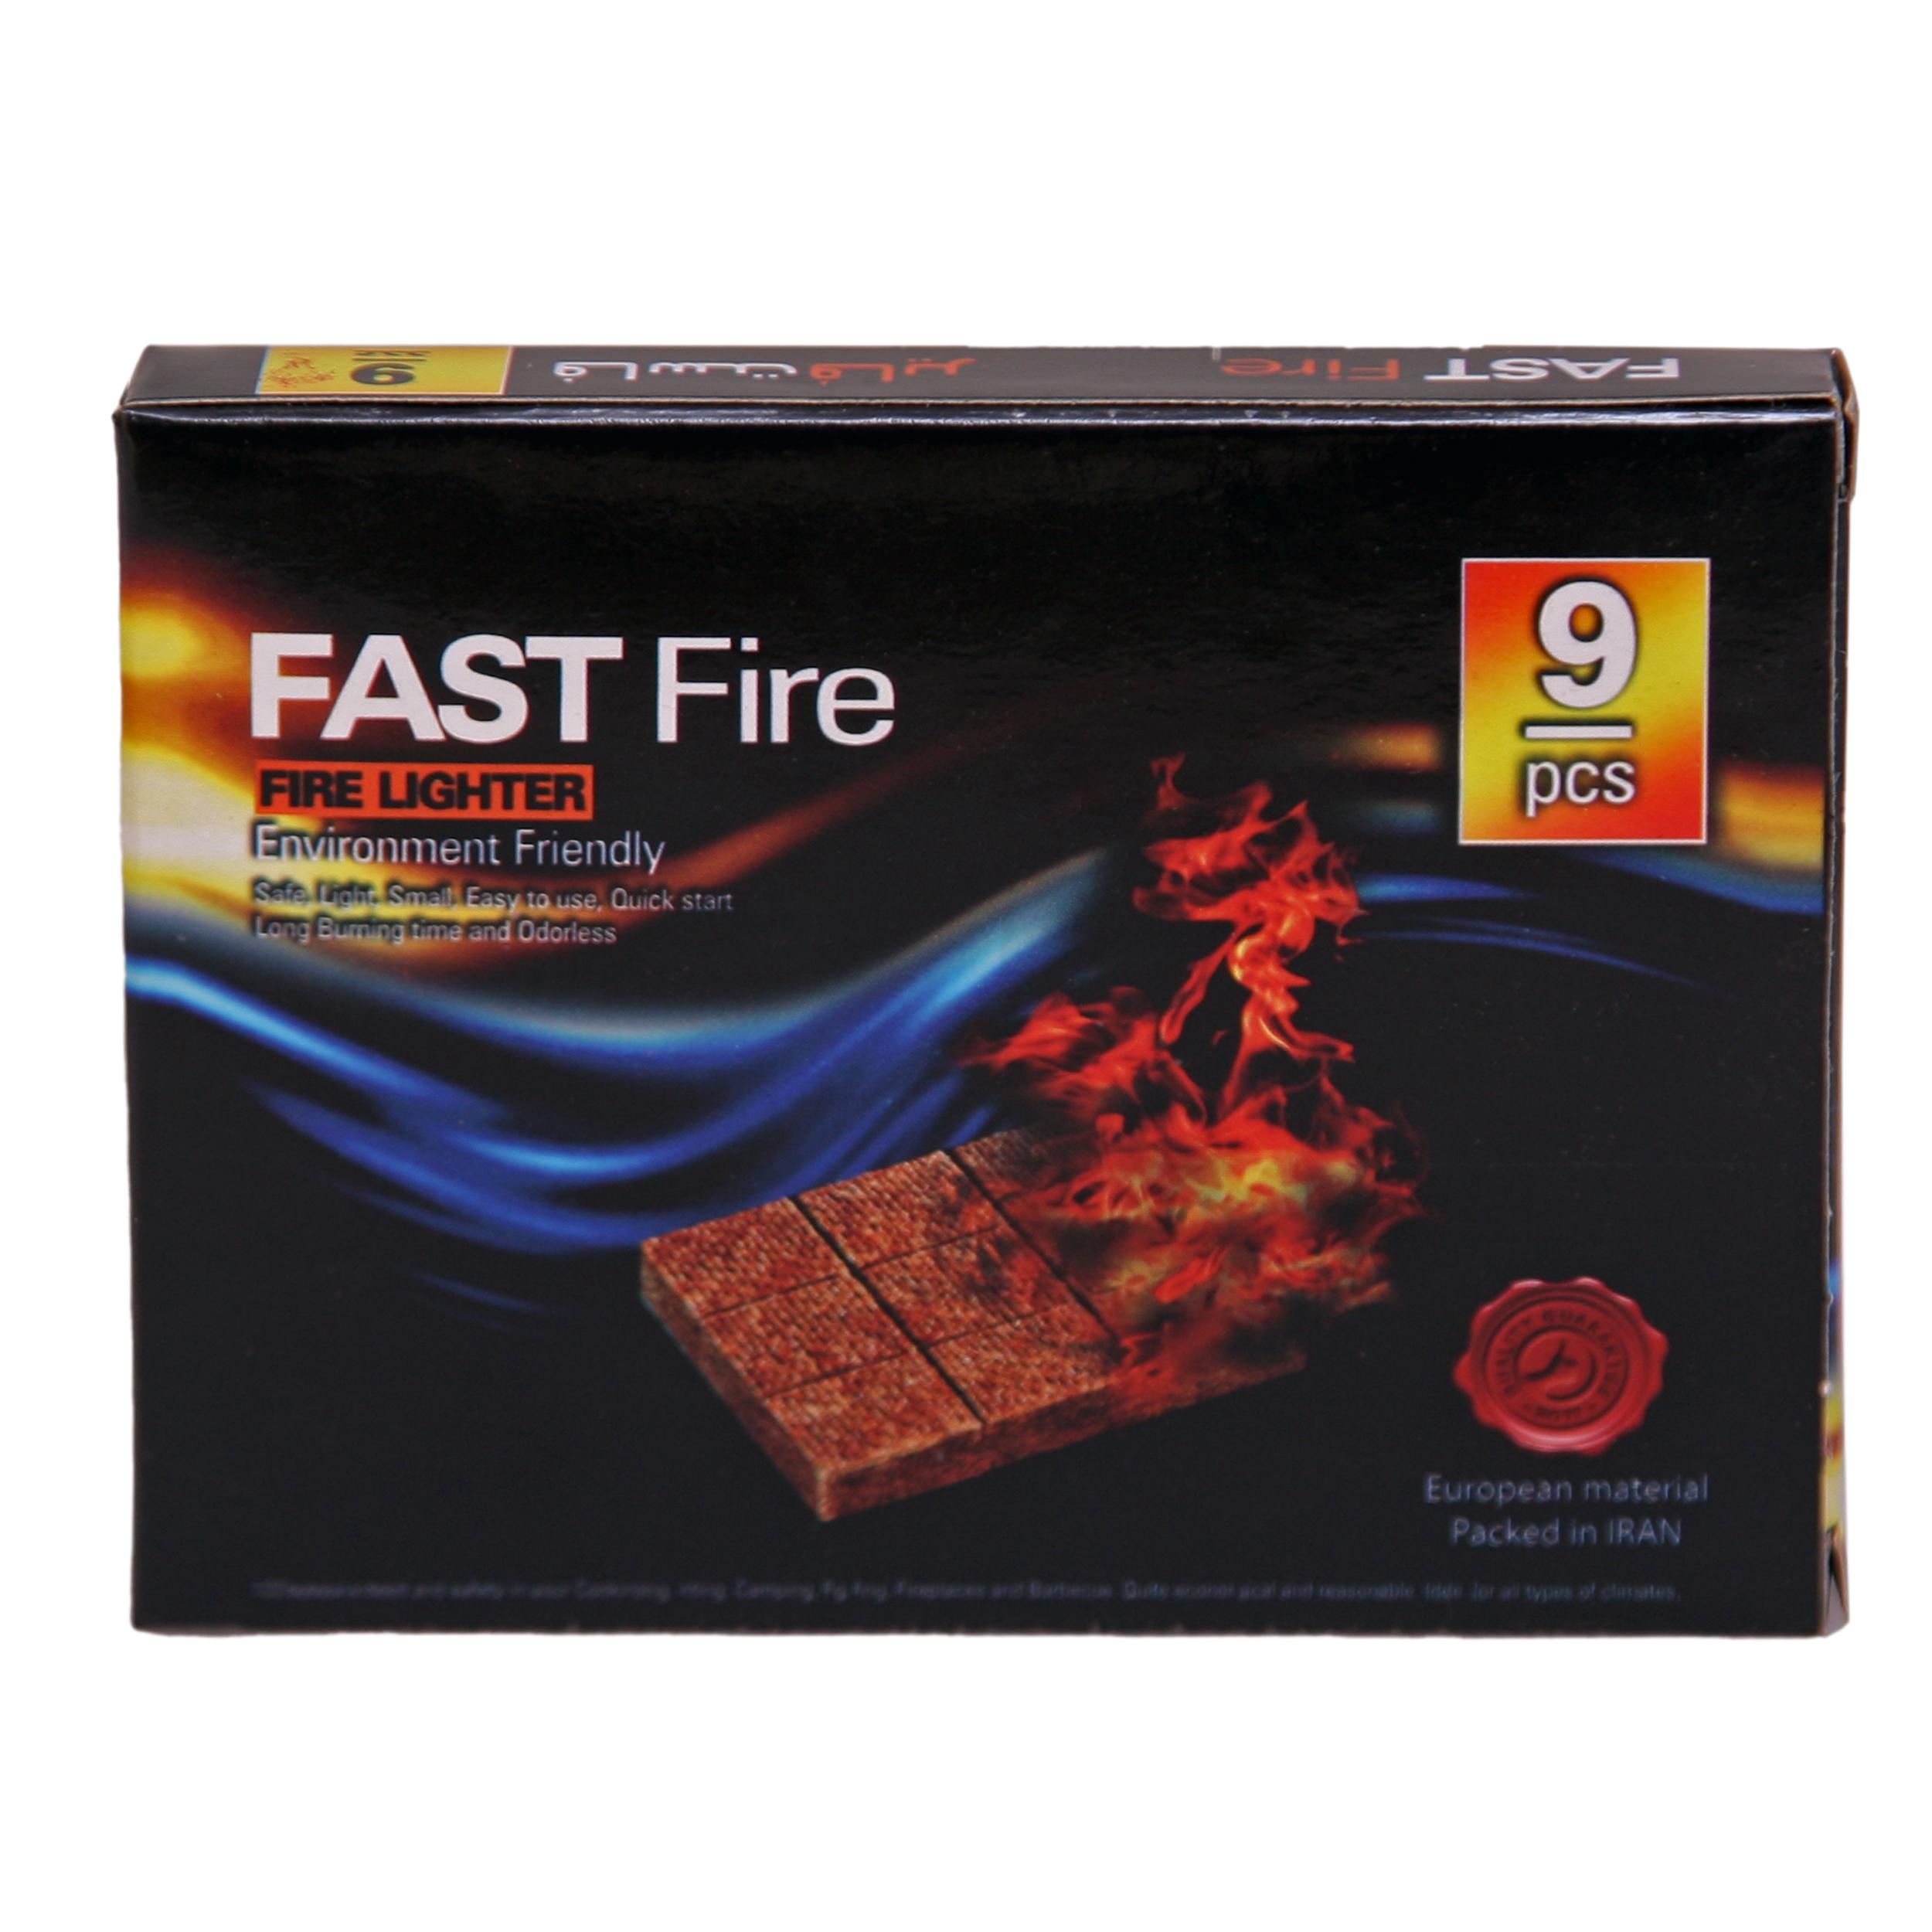 آتش زنه فاست فایر کد ACD1 بسته 9 عددی